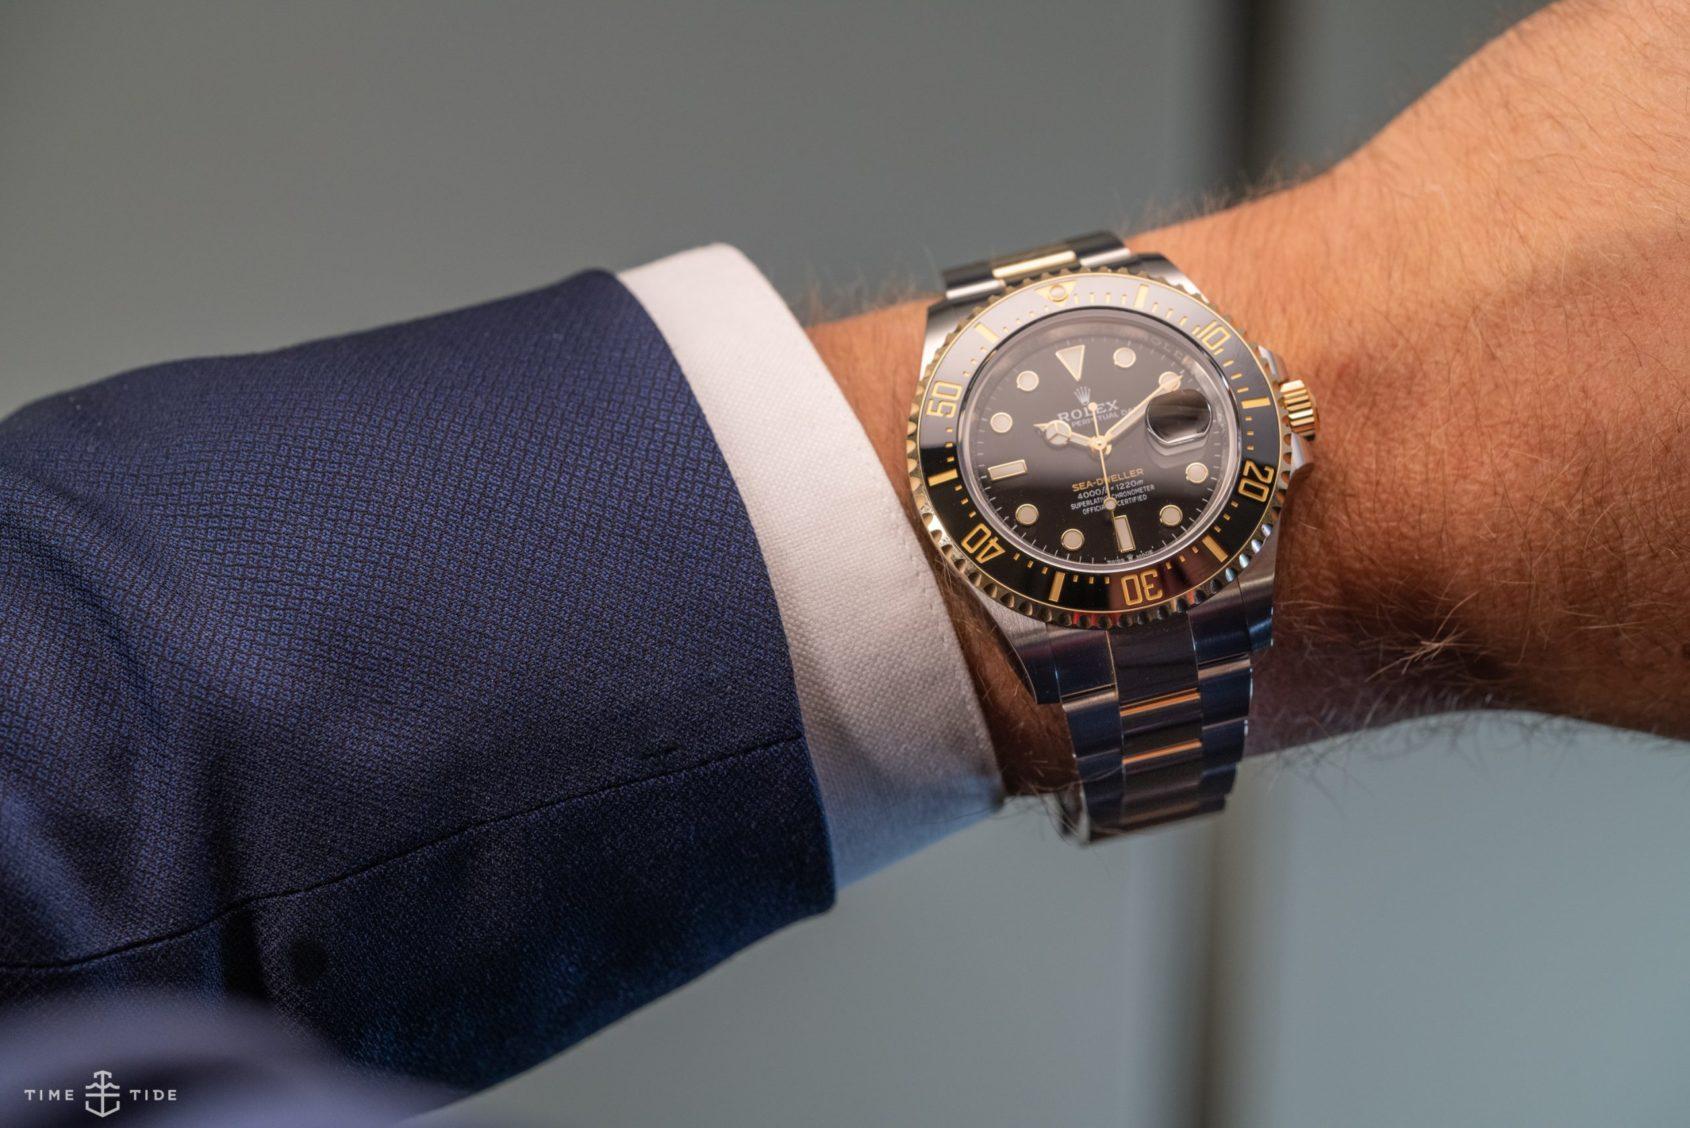 Rolex watch shortage